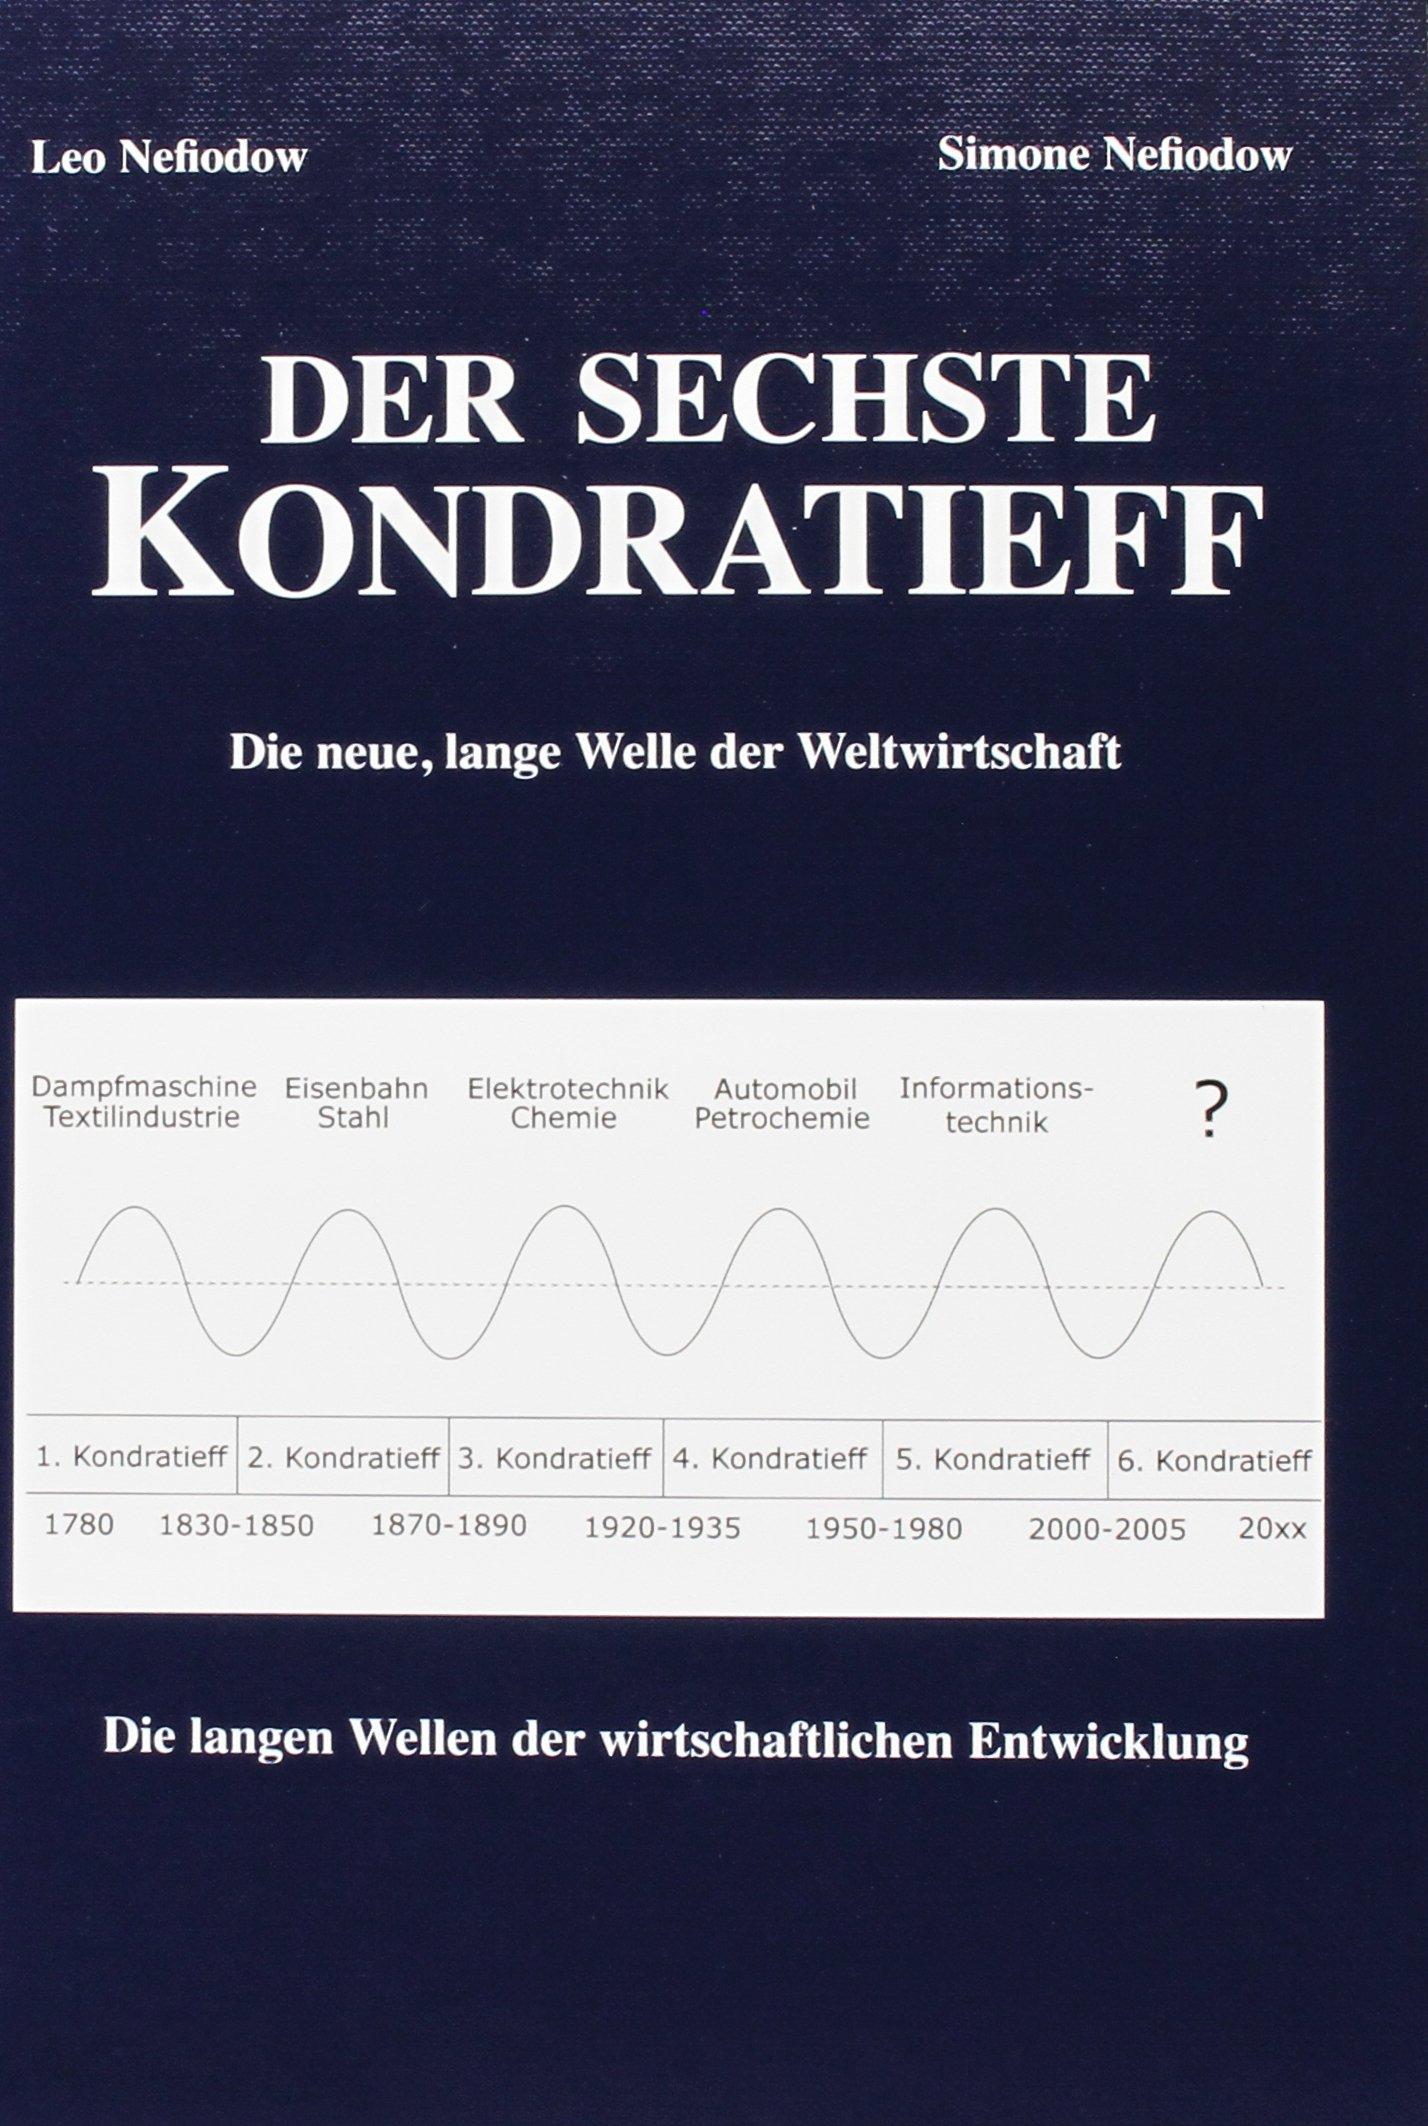 der-sechste-kondratieff-die-neue-lange-welle-der-weltwirtschaft-die-langen-wellen-der-konjunktur-und-ihre-basisinnovation